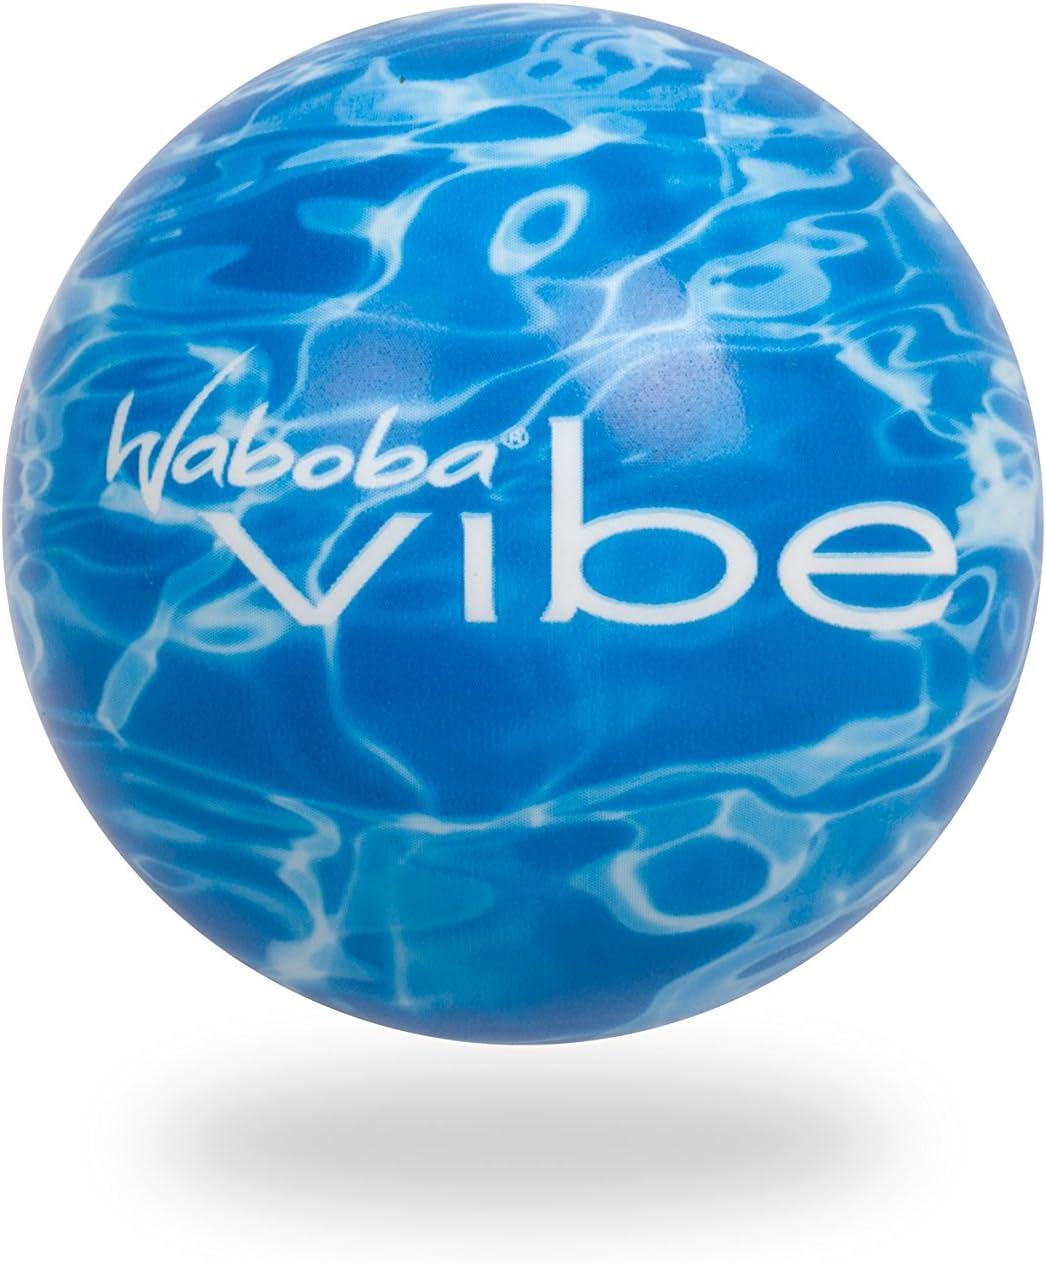 Waboba – Pelota acuática Vibe, colores variados: Amazon.es ...